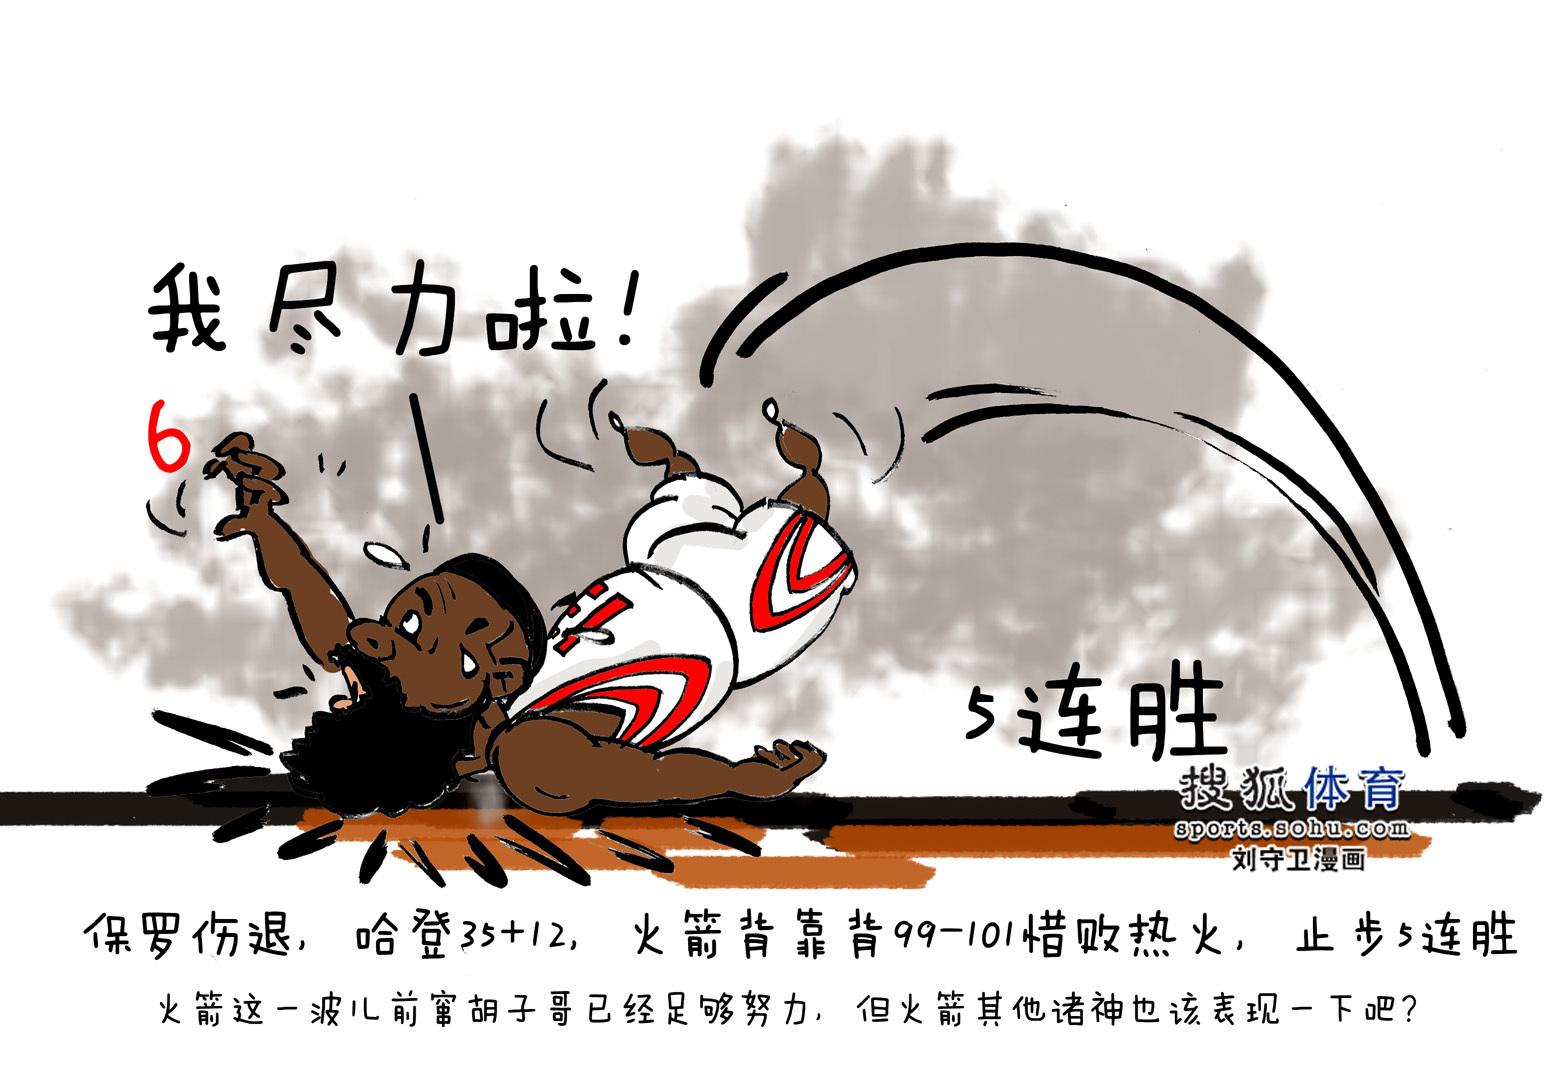 [狐]NBA漫画:保罗伤退离场 哈登一人35+12无力回天